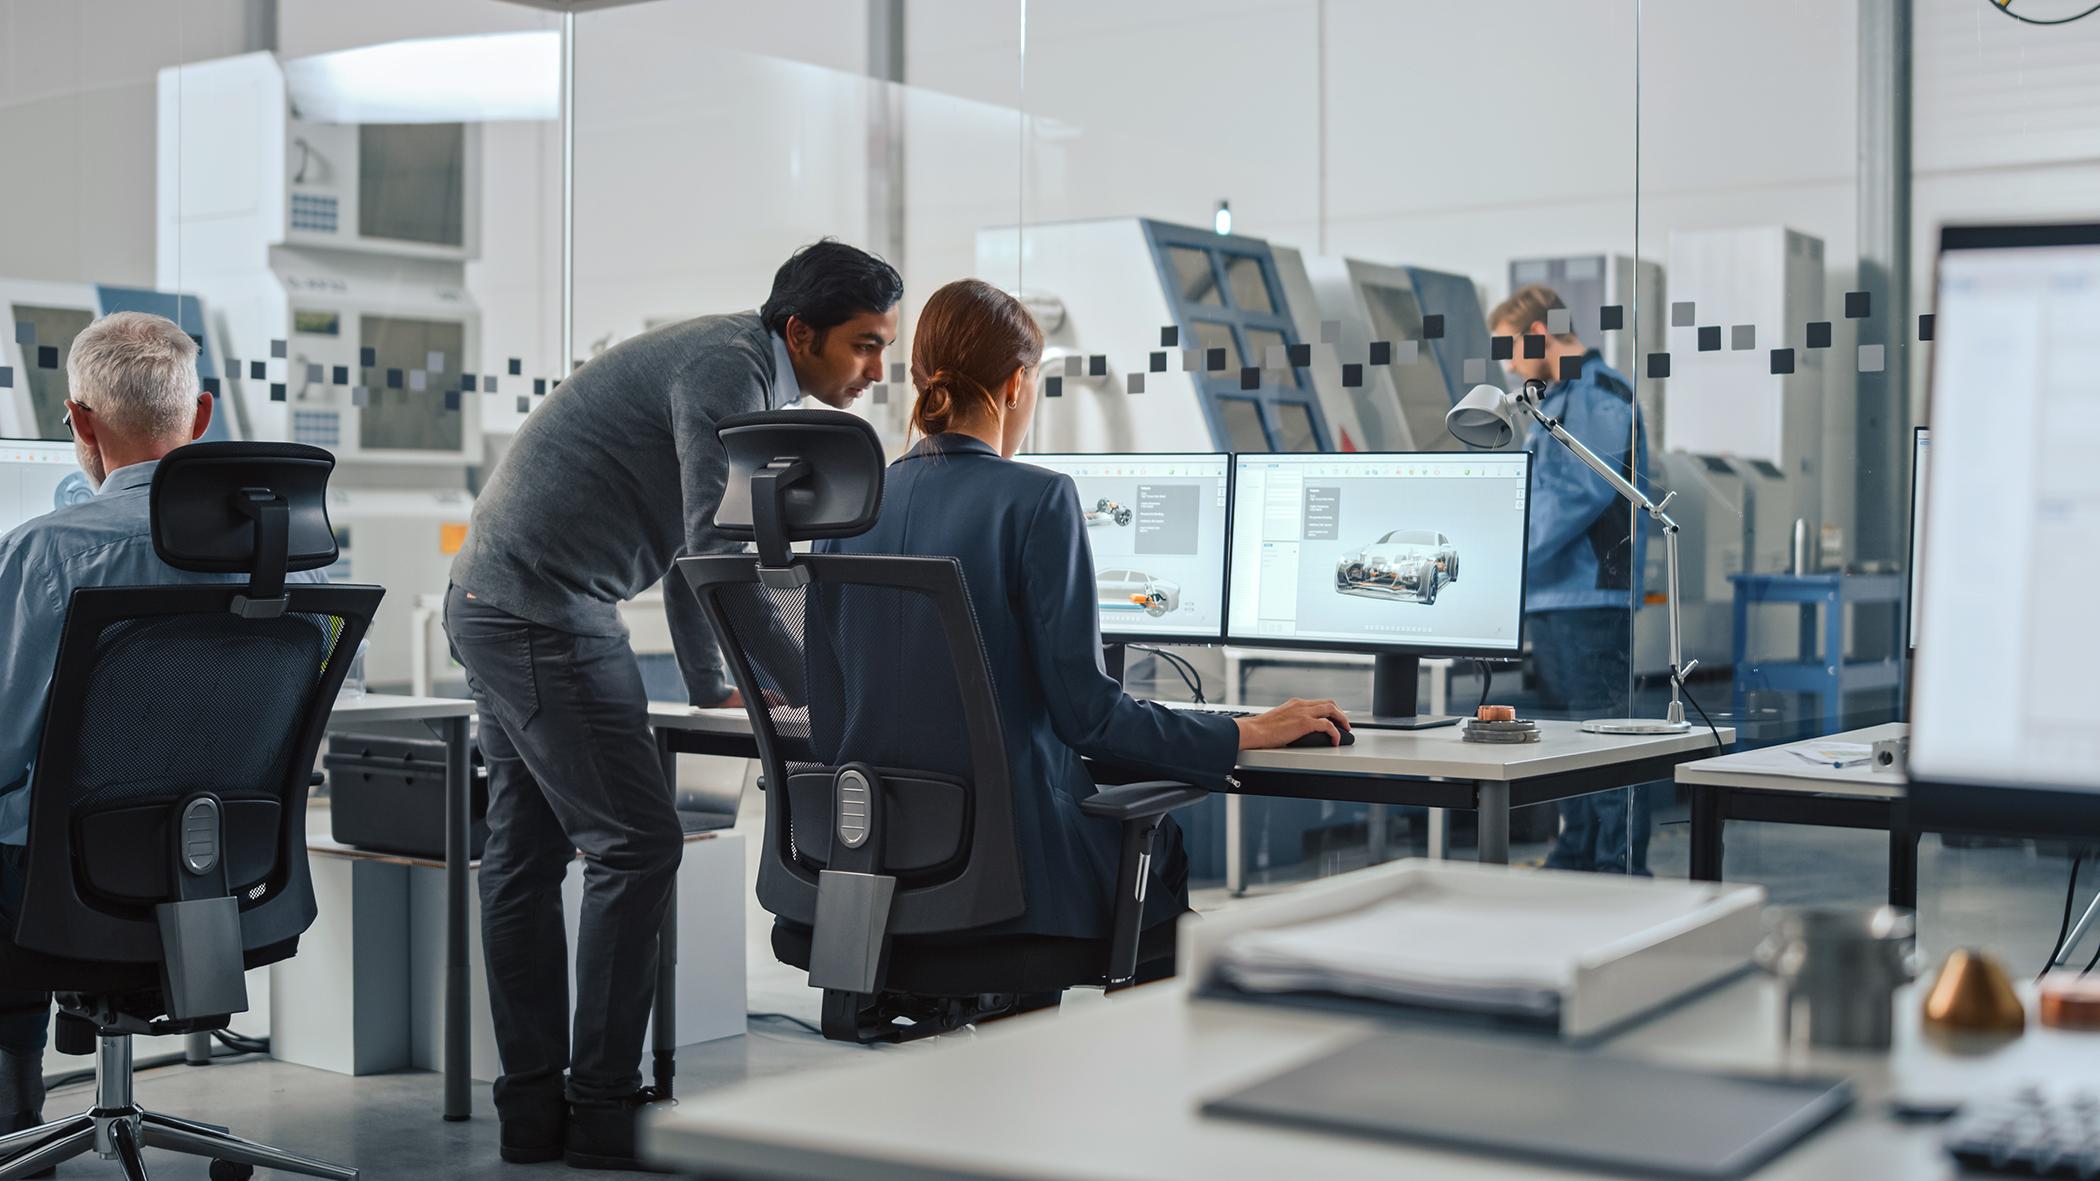 Rozwój oprogramowania i elektroniki  dla motoryzacji: Bosch konsoliduje kompetencje  w ramach nowego działu .